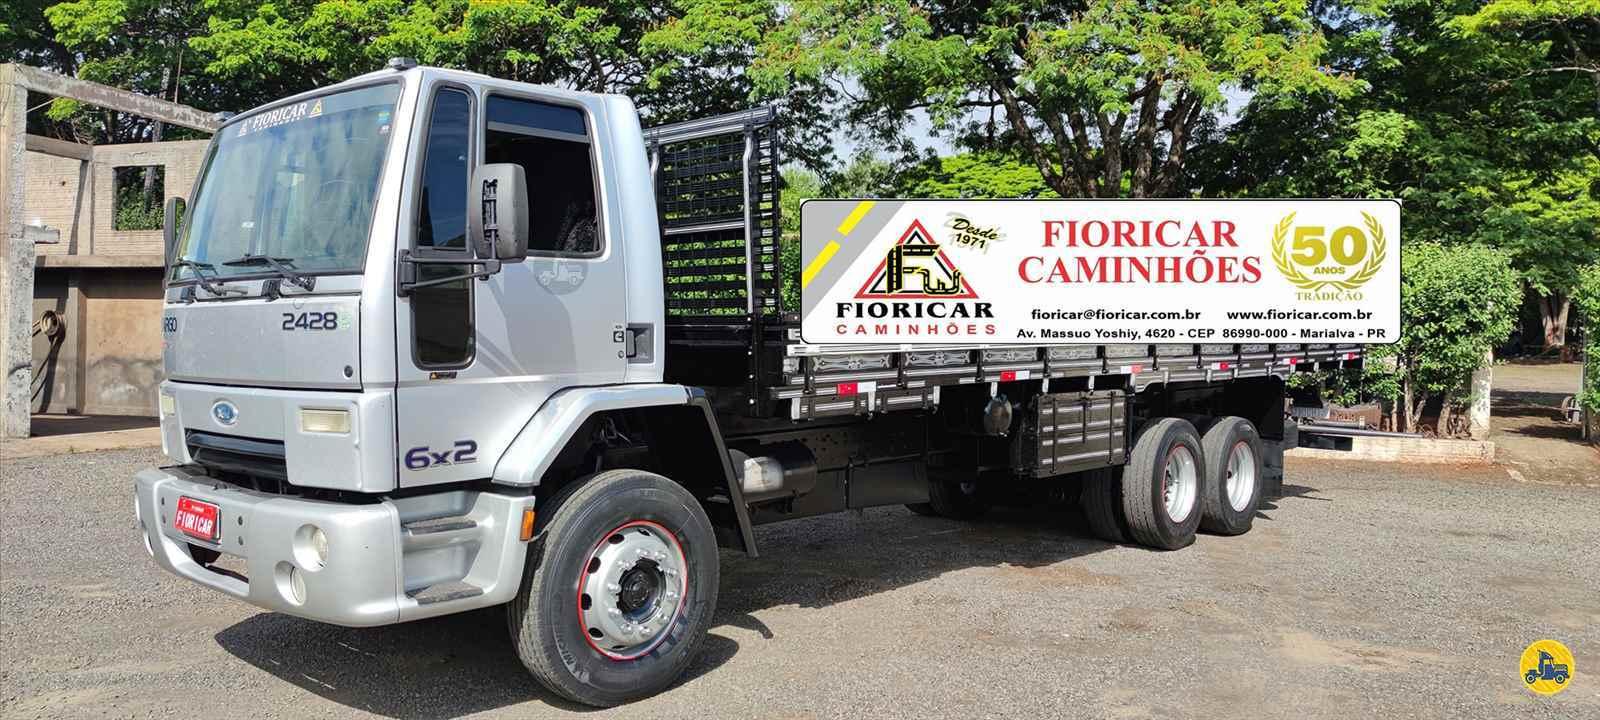 CAMINHAO FORD CARGO 2428 Carga Seca Truck 6x2 Fioricar Caminhões MARIALVA PARANÁ PR